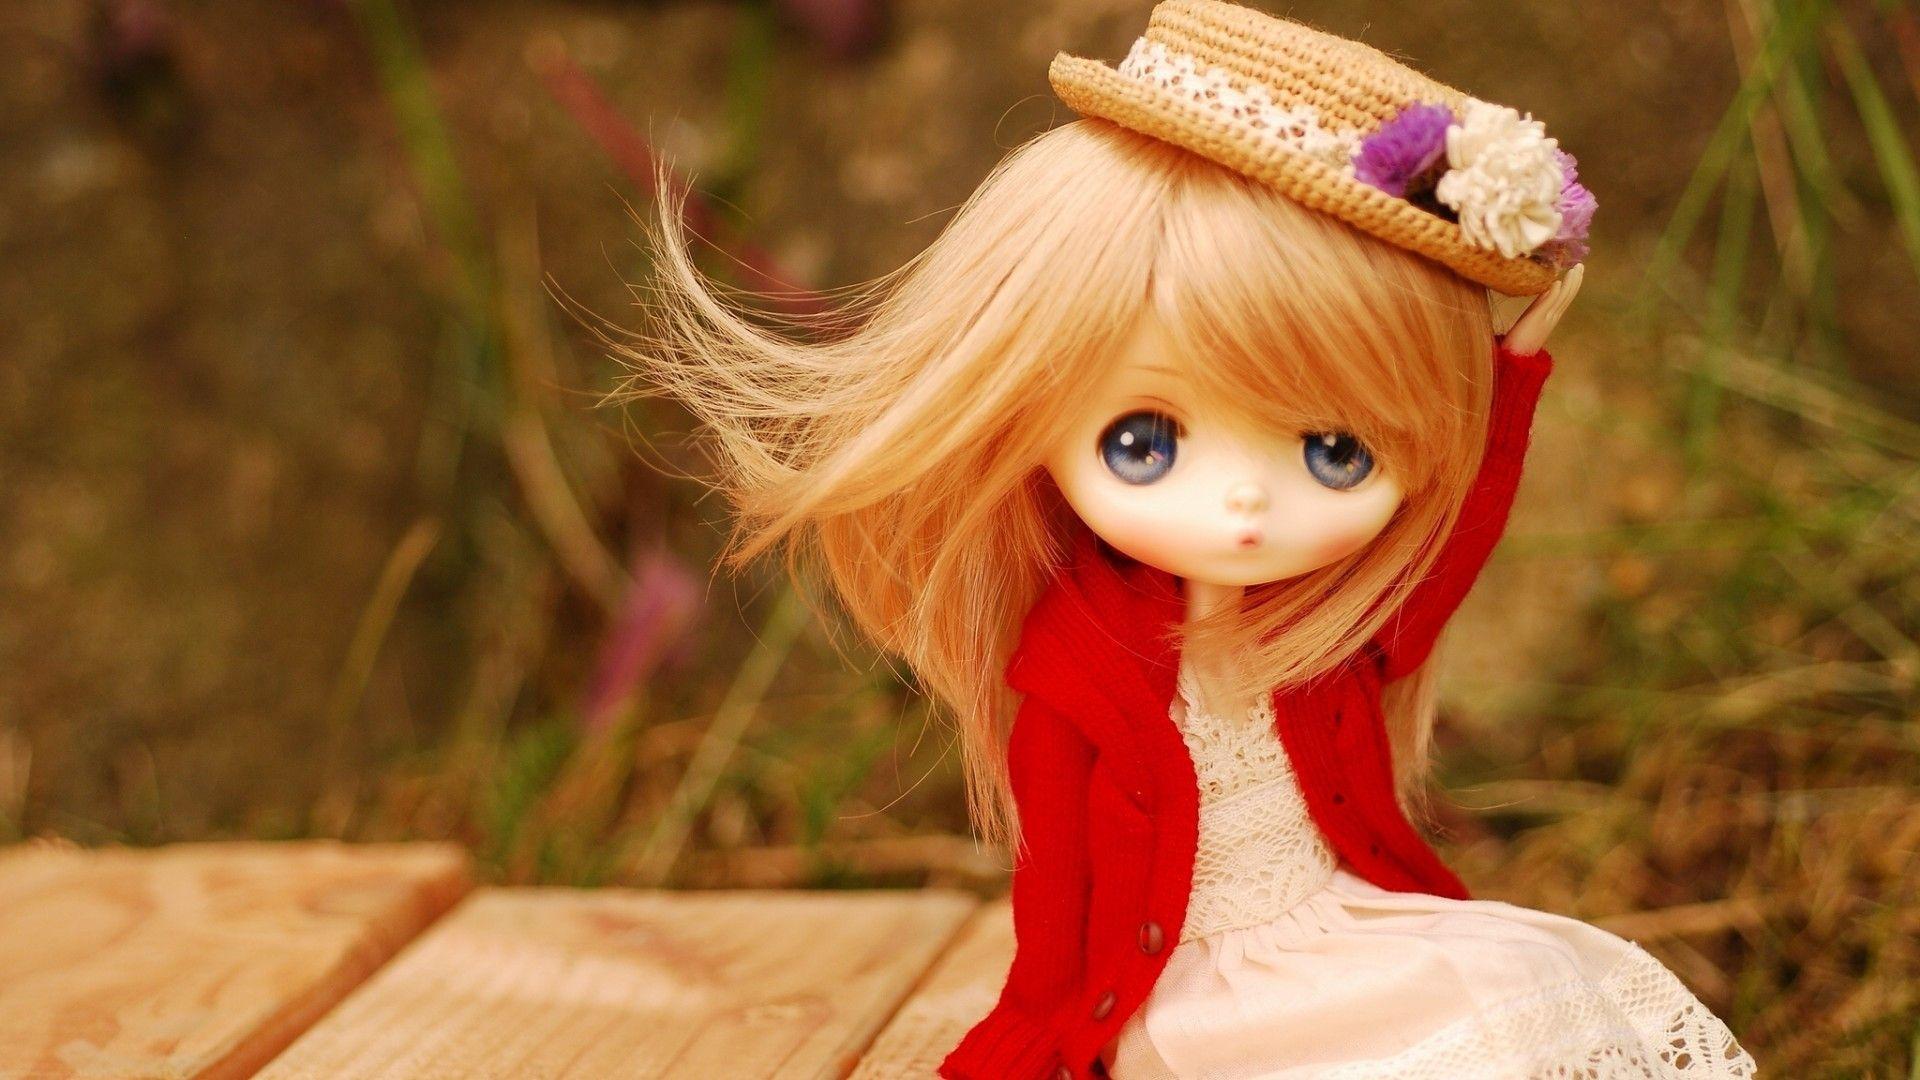 Cute doll wallpapers wallpaper cave - Pics cute dolls ...